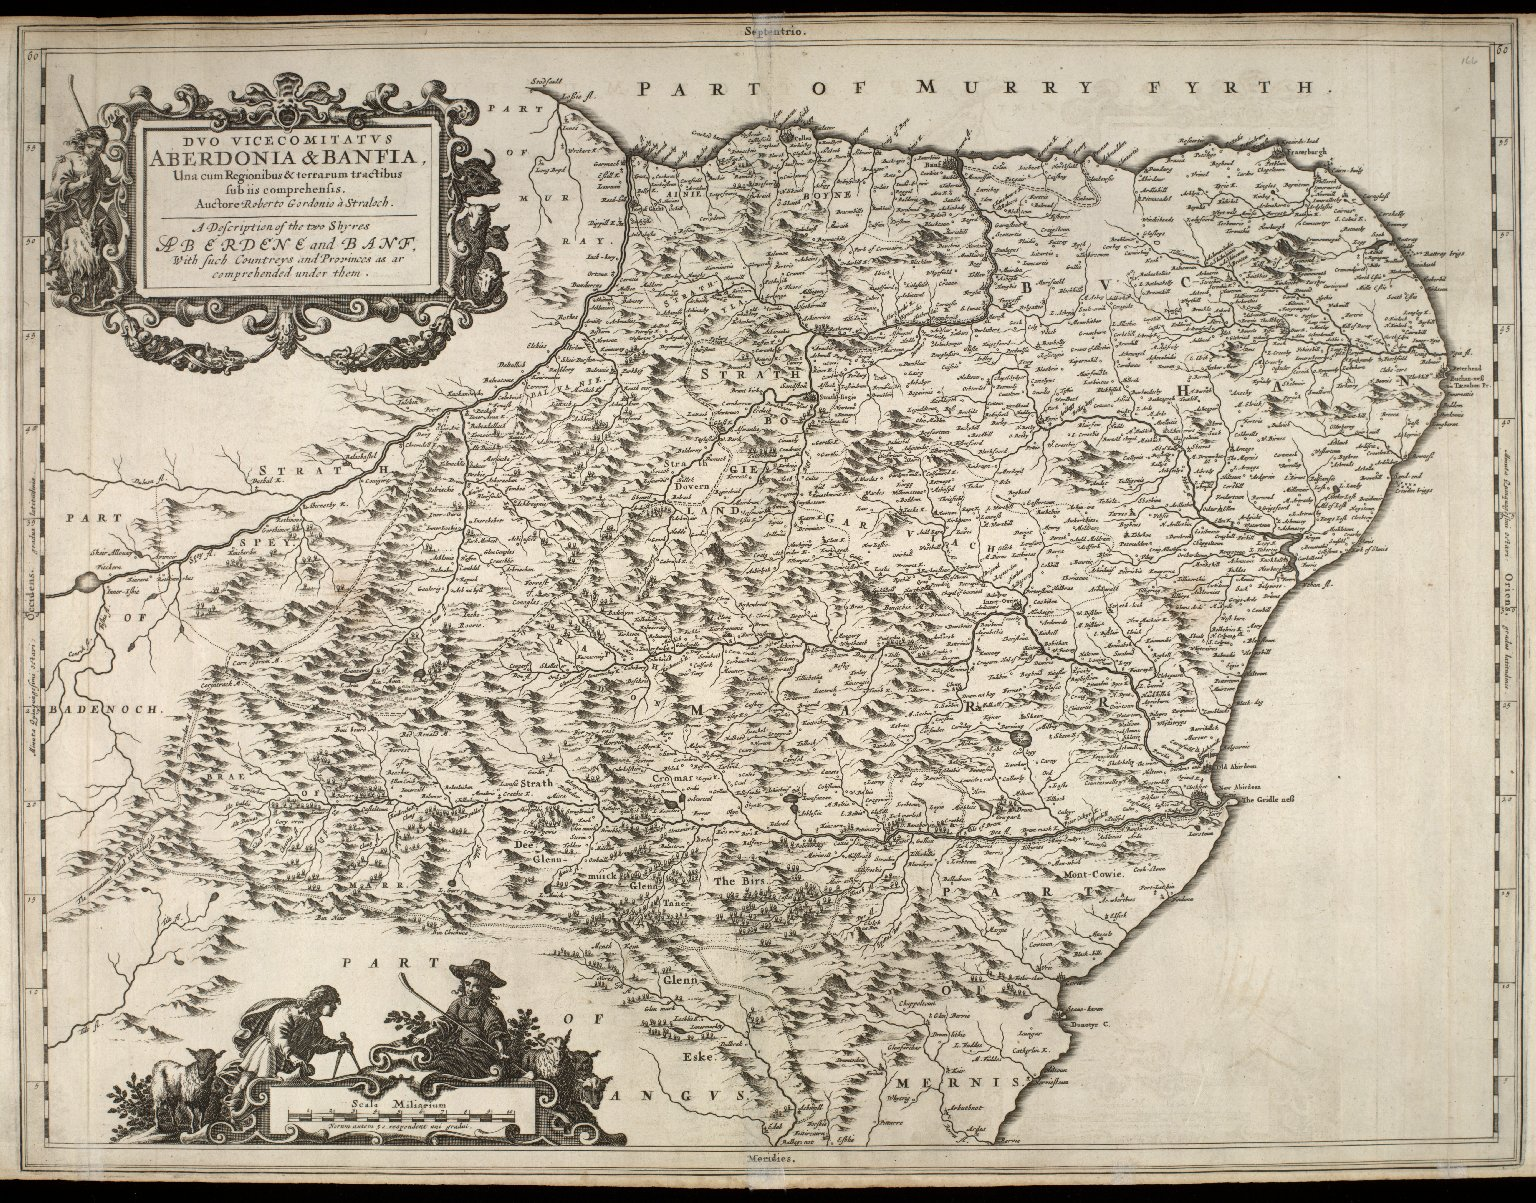 Duo Vicecomitatus Aberdonia & Banfia, Una cum Regionibus & terrarum tractibus sub iis comprehensis [1 of 1]